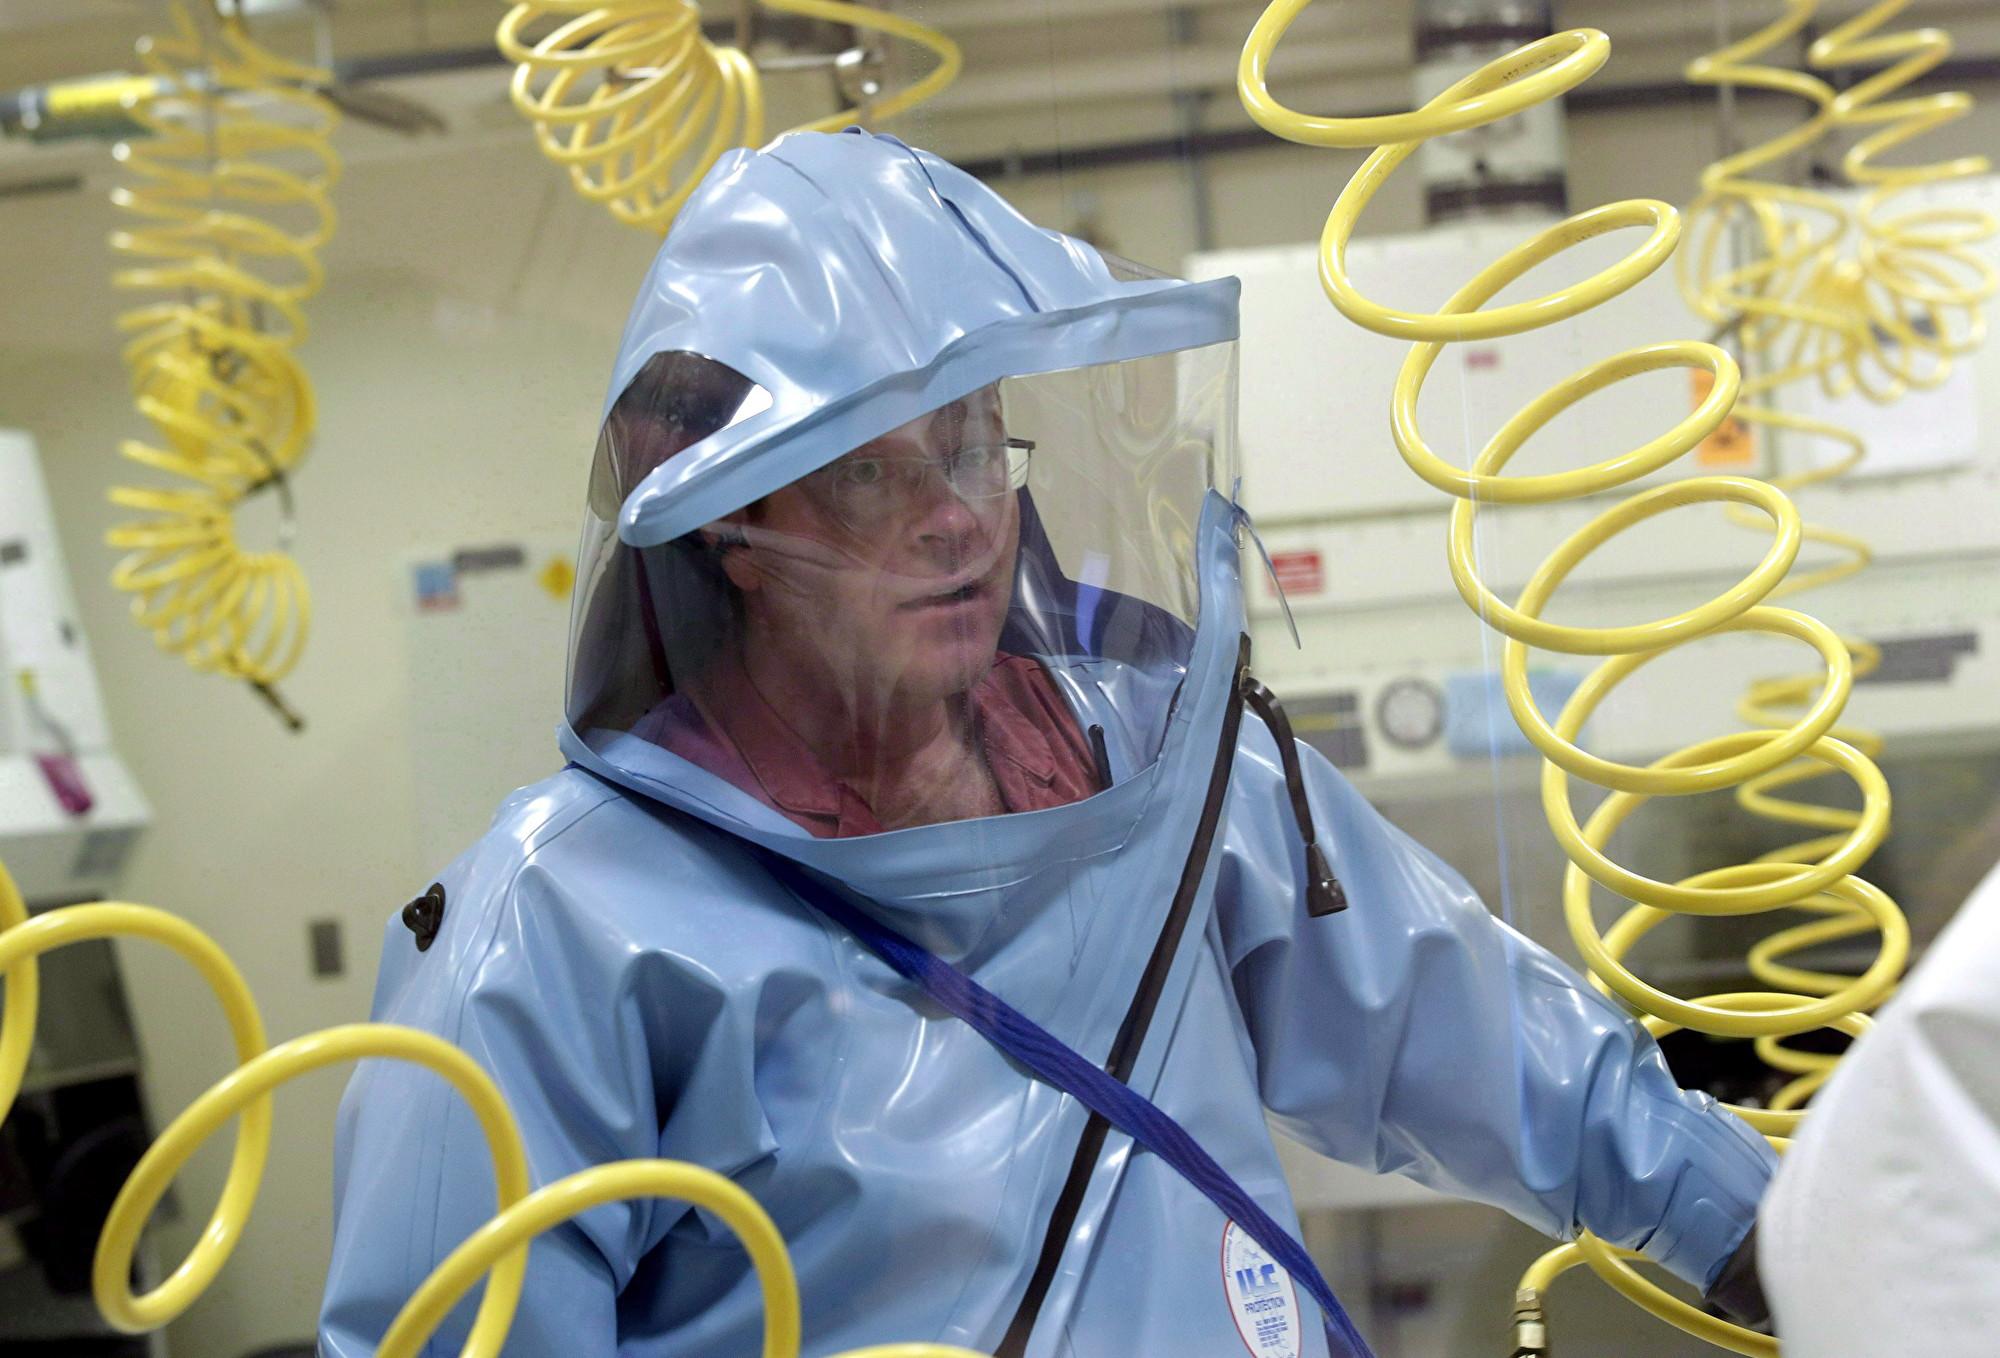 國家微生物實驗室是加拿大唯一一家處理最致命人類與動物疾病的4級安全級別病毒學實驗室。圖為:實驗室技術人員於2014年11月3日在實驗室做對抗埃博拉病毒的研究。 (加通社)